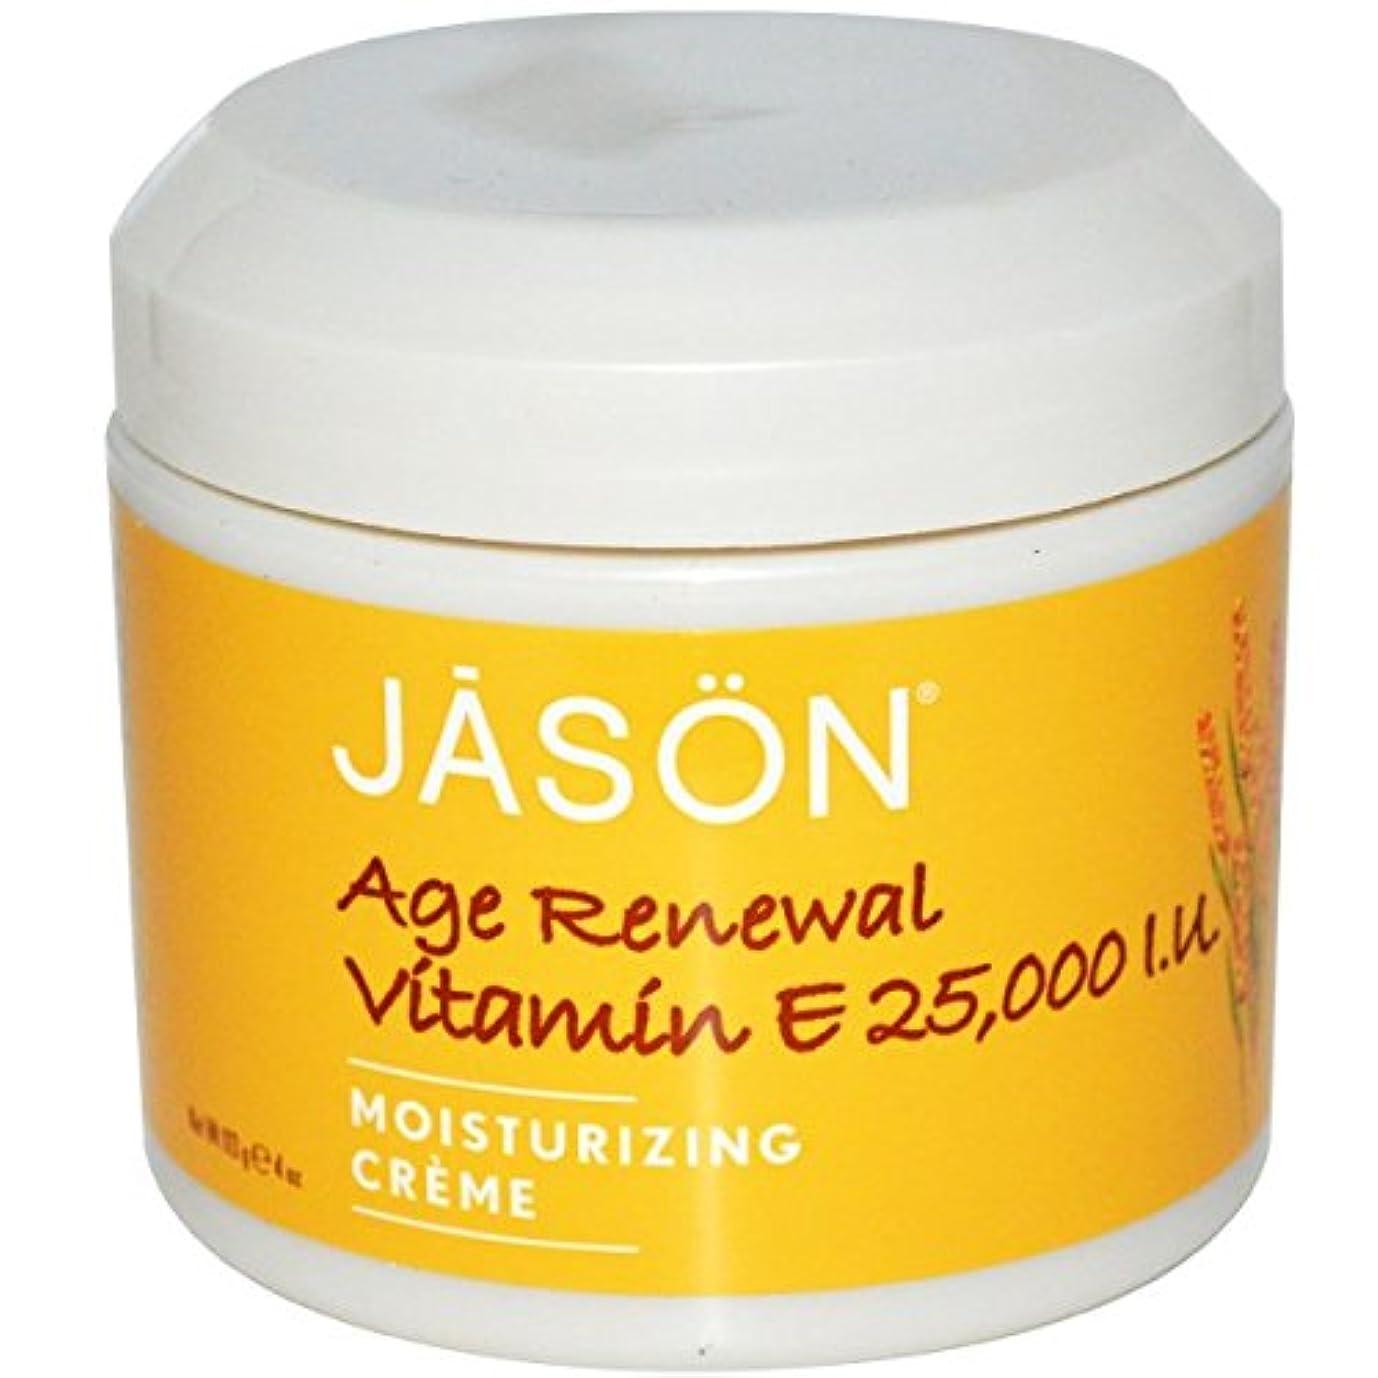 提供物思いにふける気味の悪い[海外直送品] ジェイソンナチュラル(Jason Natural) 25,000 IU ビタミンE エイジリニューアルクリーム 113g